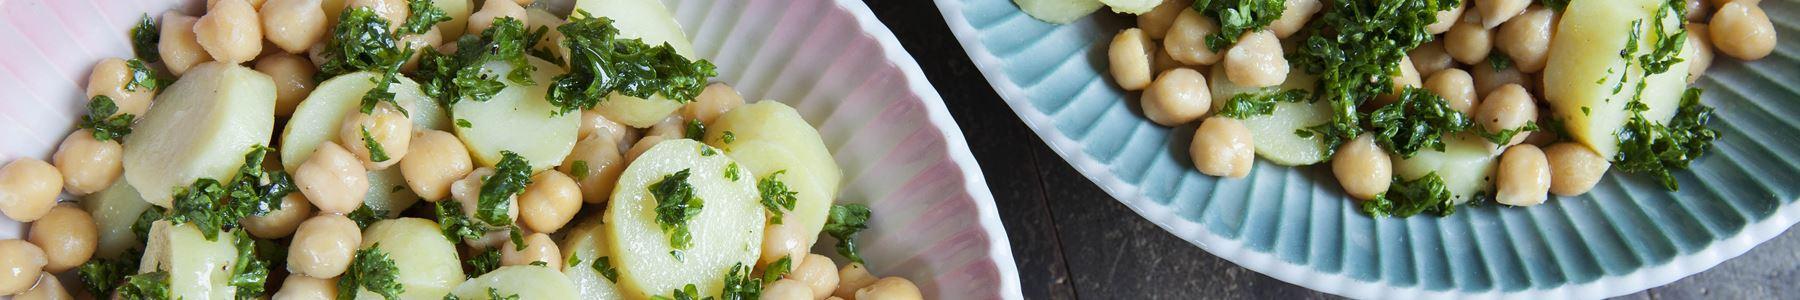 Kikært + Salater + Efterår